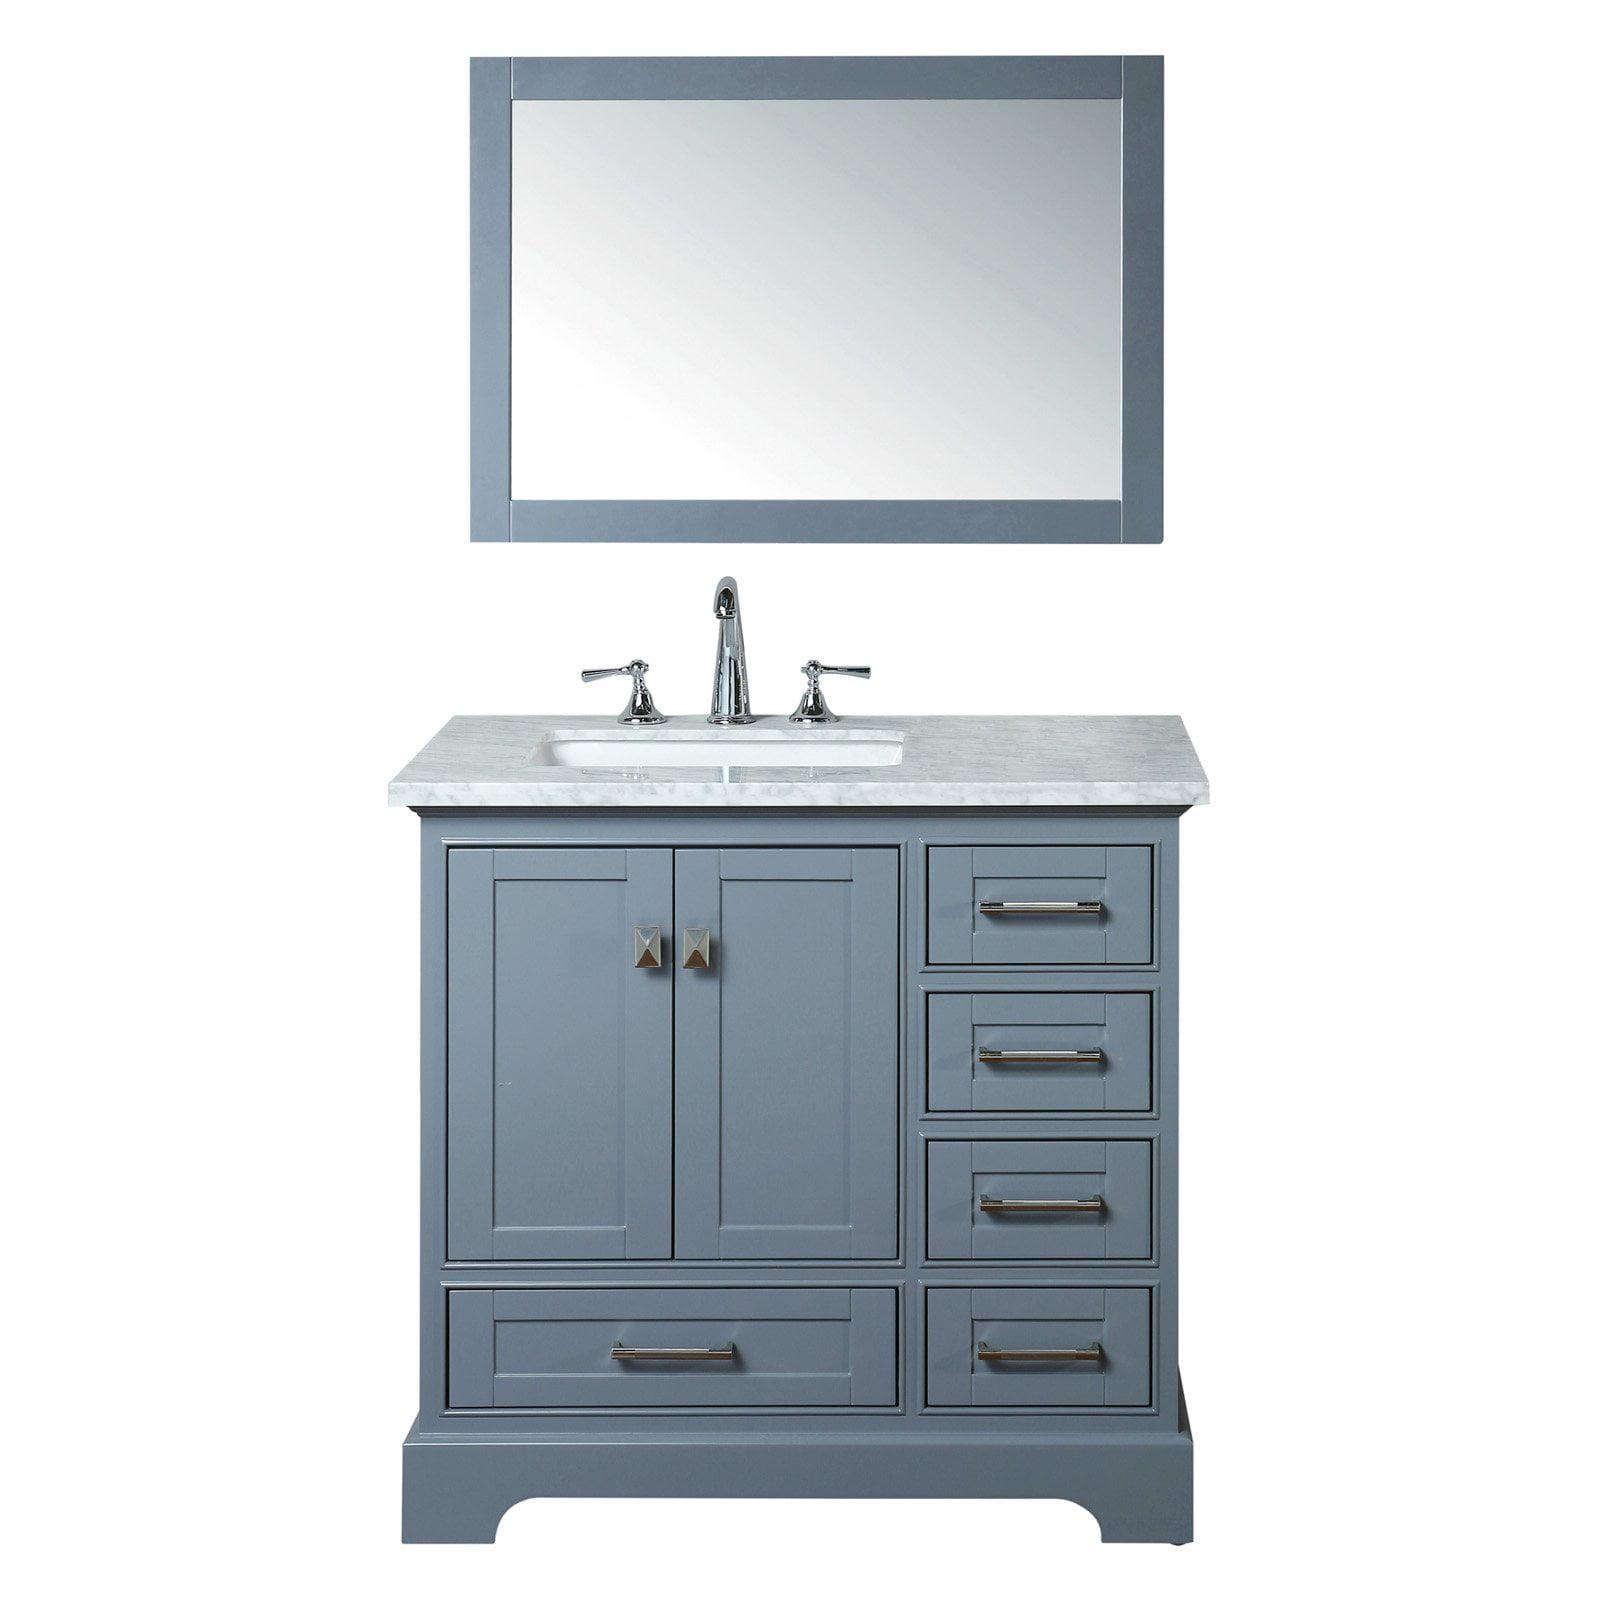 Stufurhome Newport 36 in. Single Sink Bathroom Vanity with Mirror